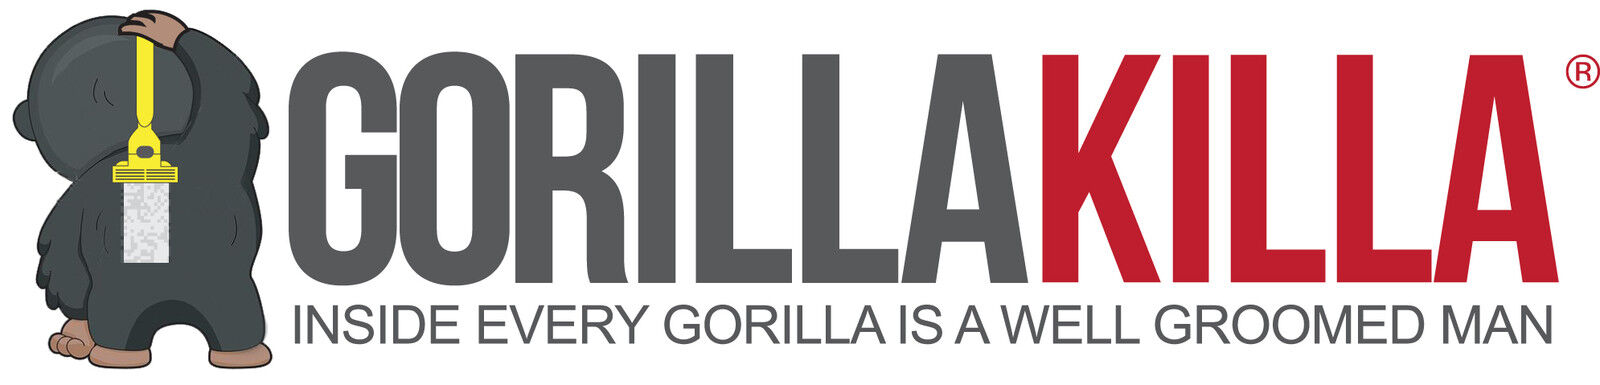 gorillakilla